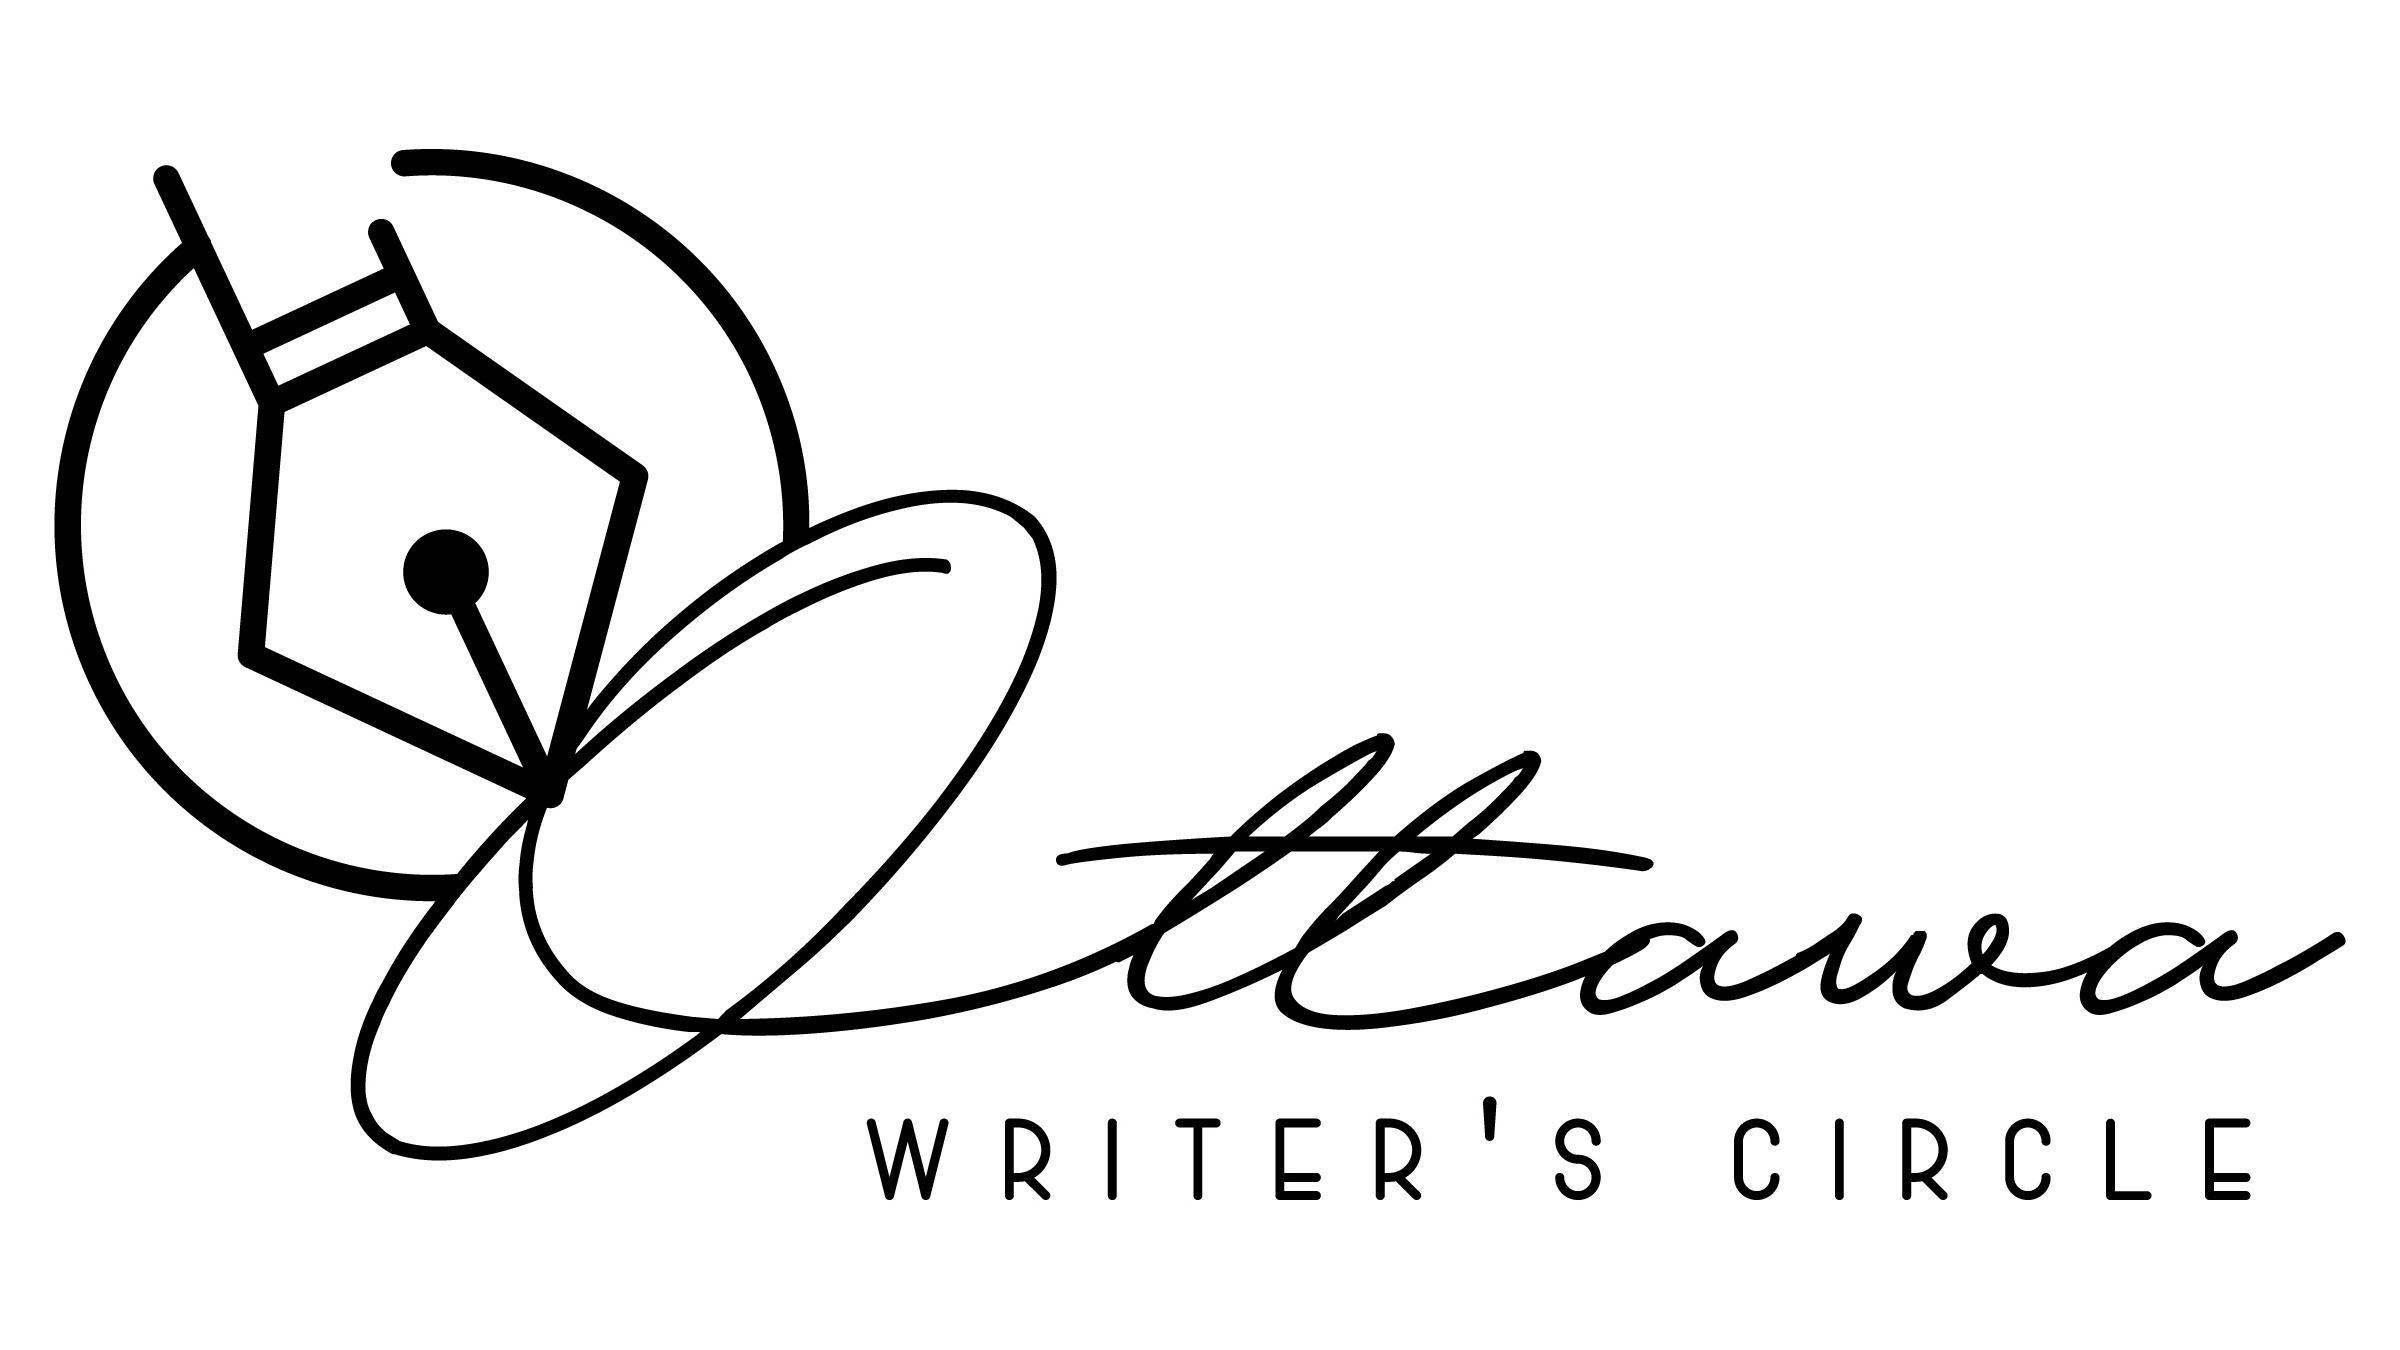 Ottawa Writer's Circle